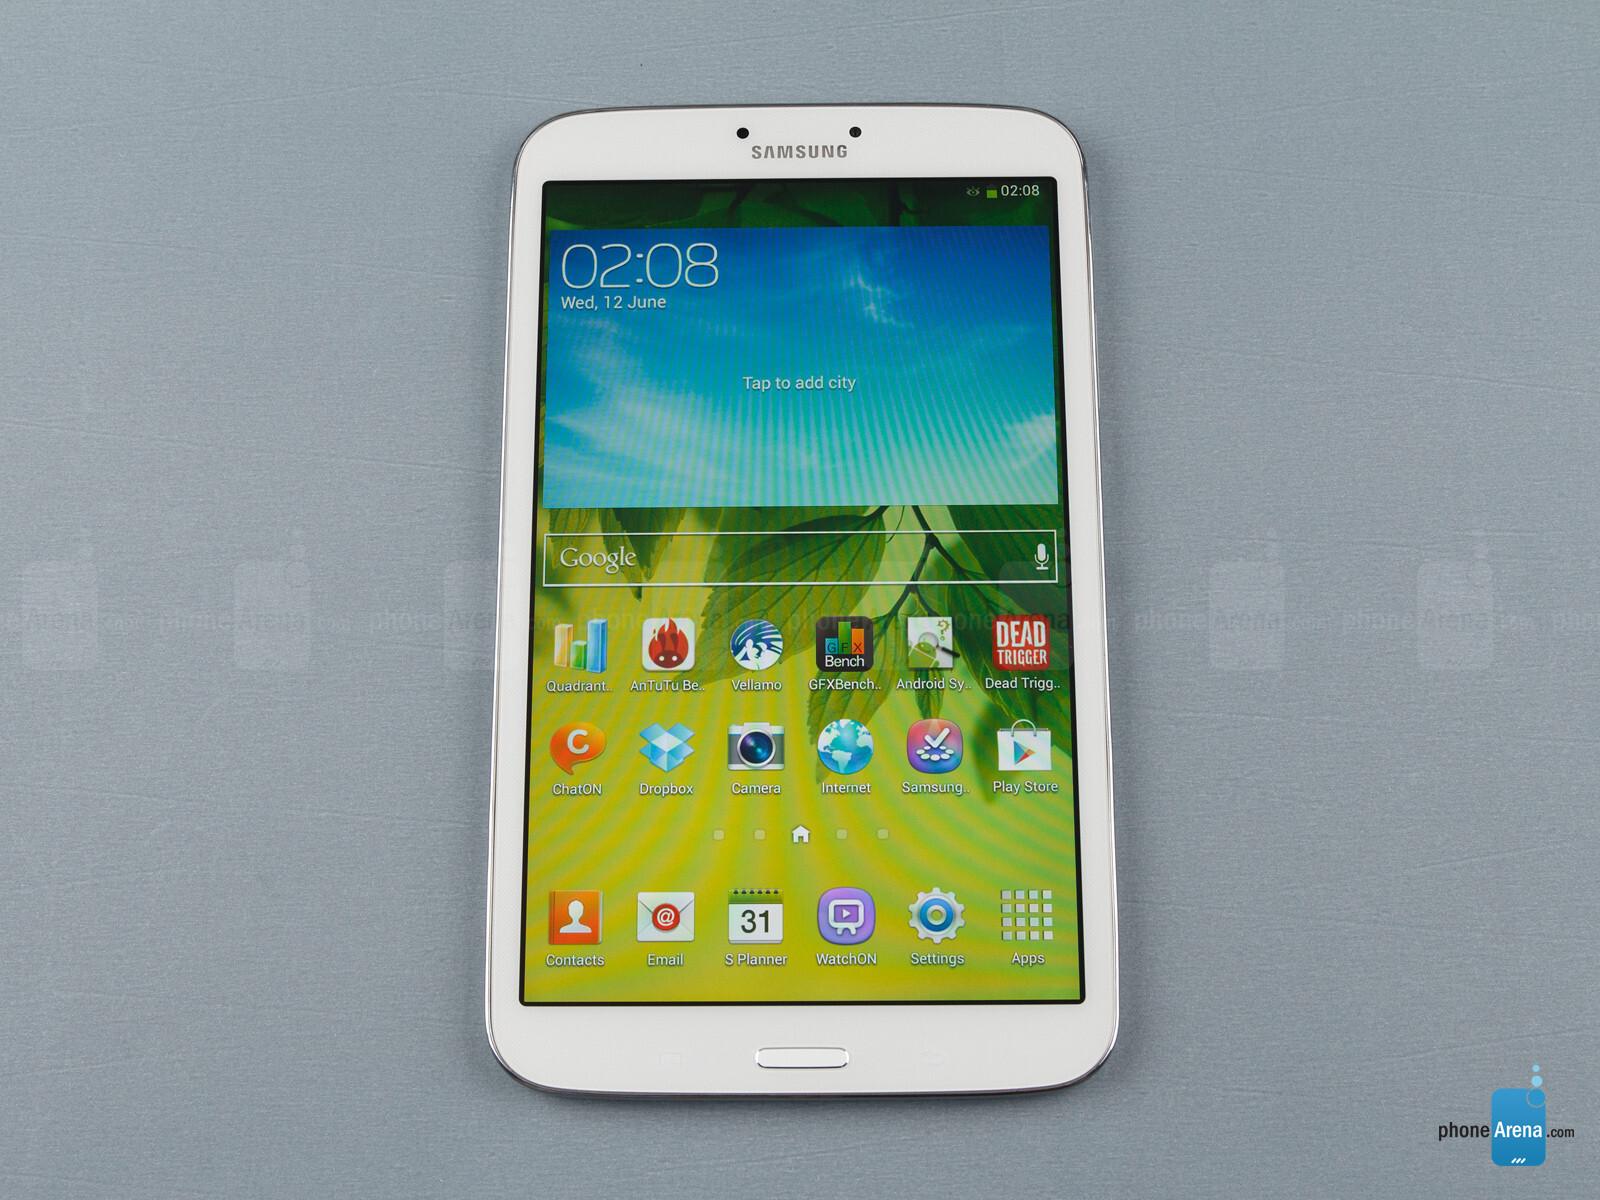 Samsung Galaxy Tab 3 8-inch specs